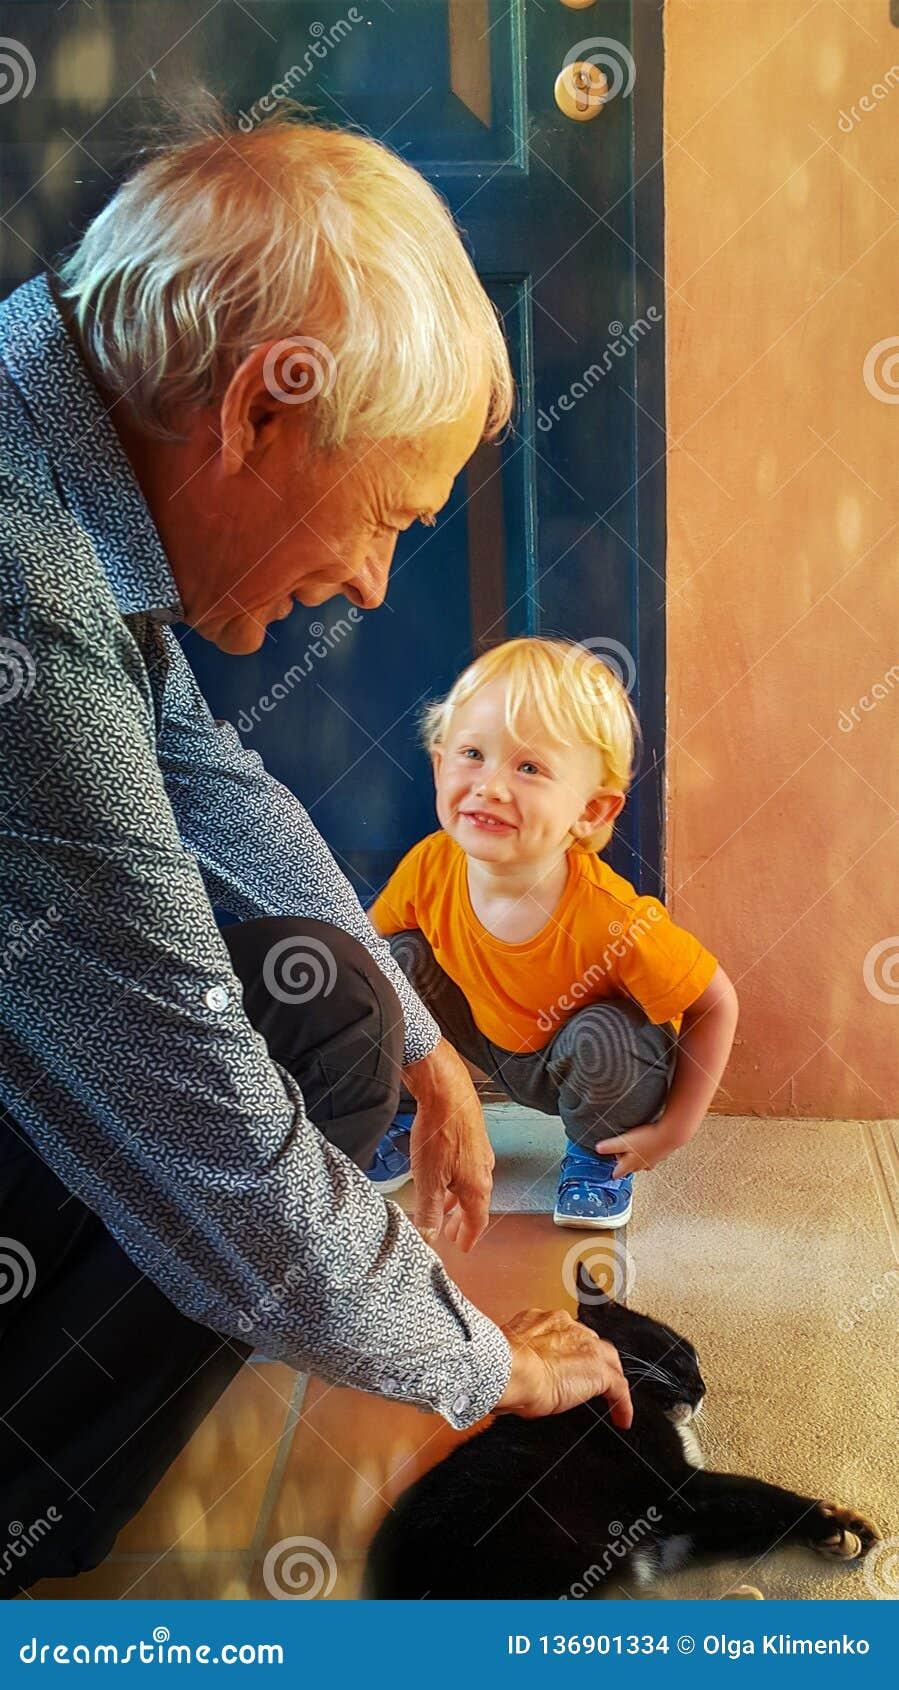 De kleine twee-jaar-oude jongen glimlacht gelukkig en bekijkt zijn grootvader met bewondering, die een kat strijkt